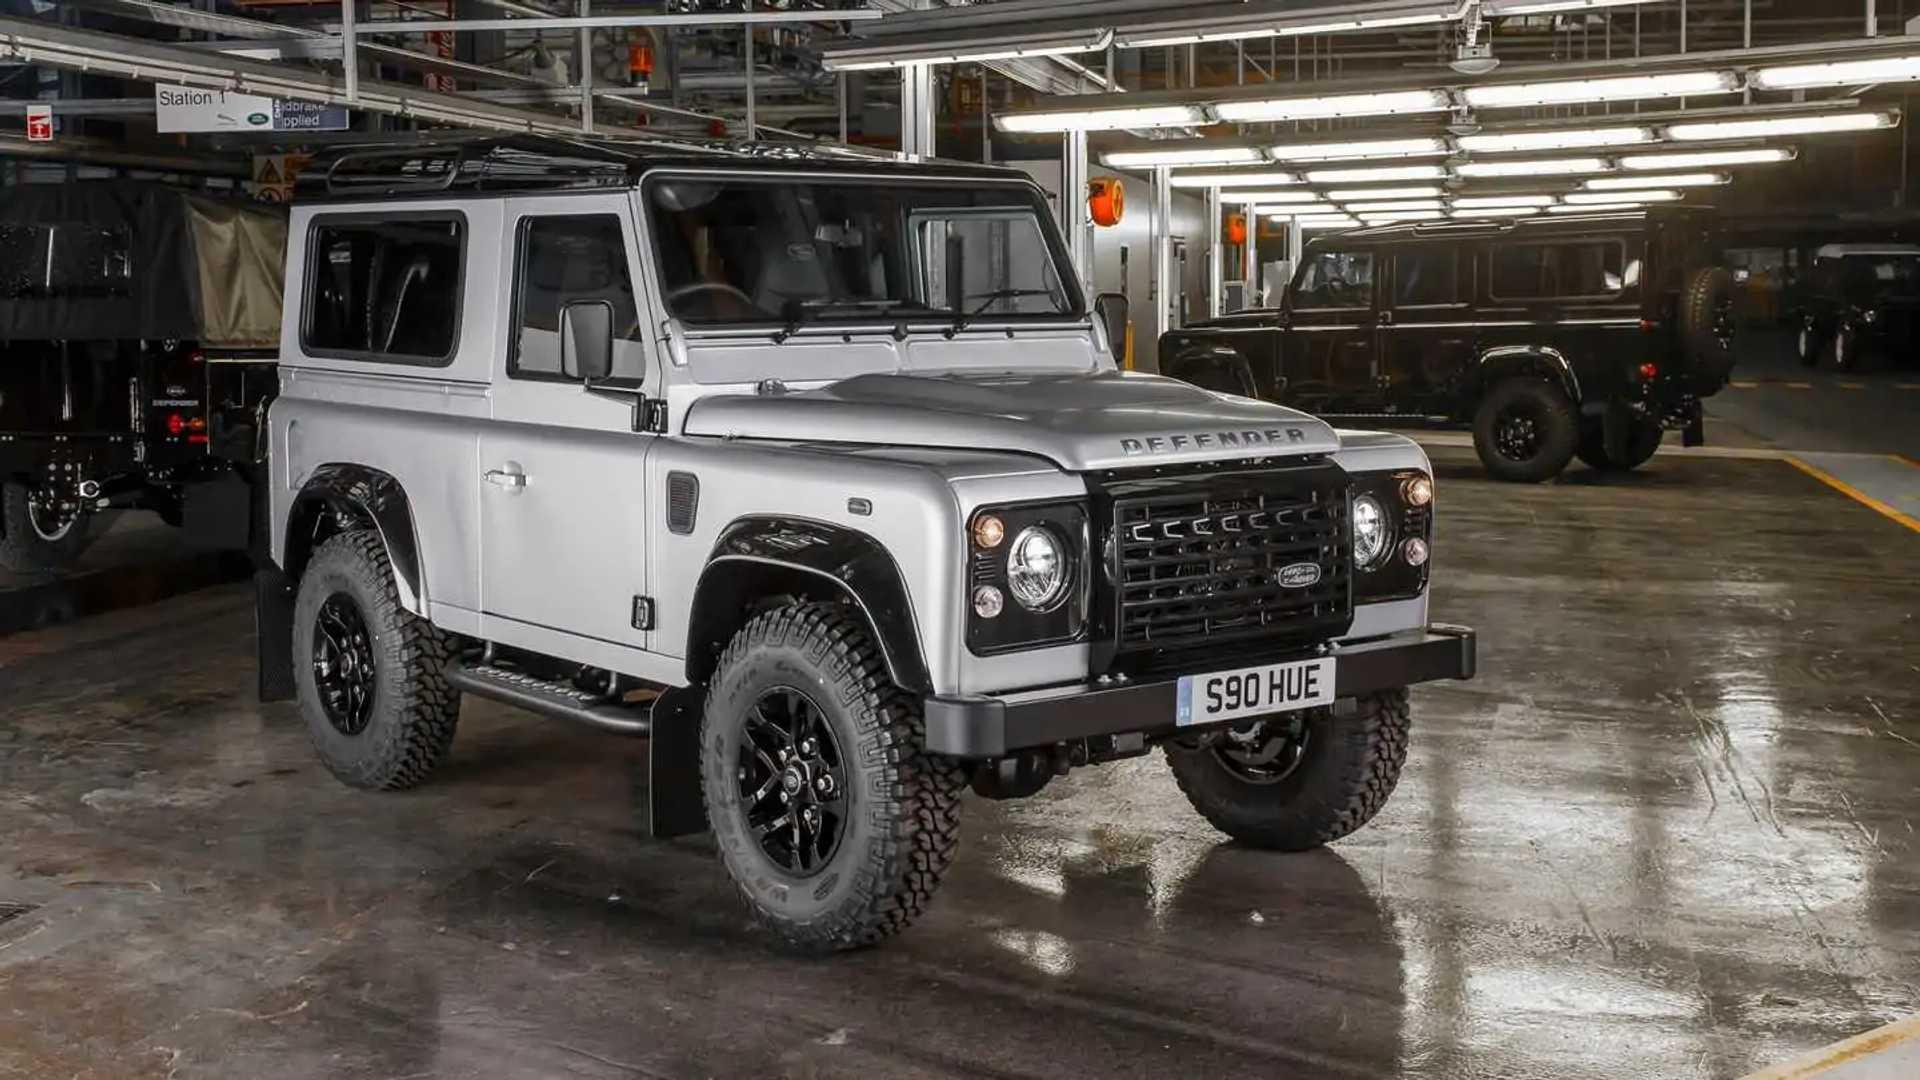 Jaguar Land Rover struggles drop Tata further into junk rating